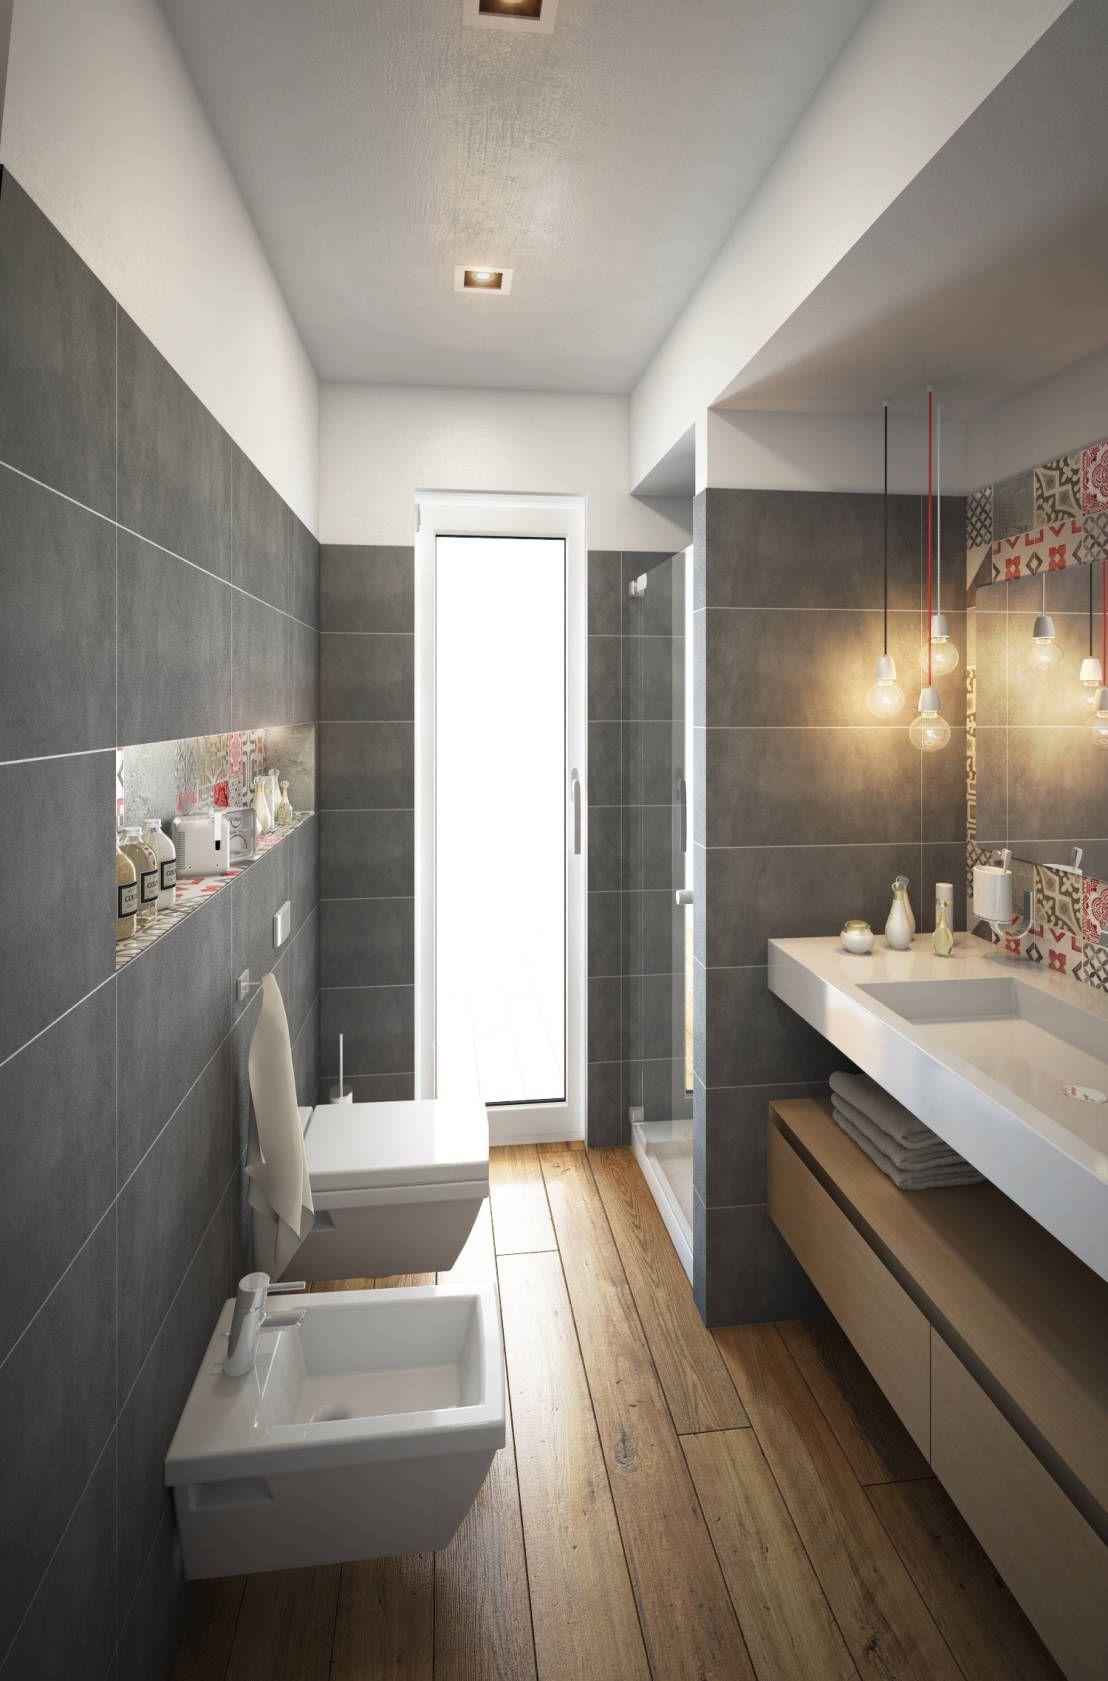 6 errores graves que har n lucir mal a tu ba o bagni for Idee per arredare il bagno piccolo